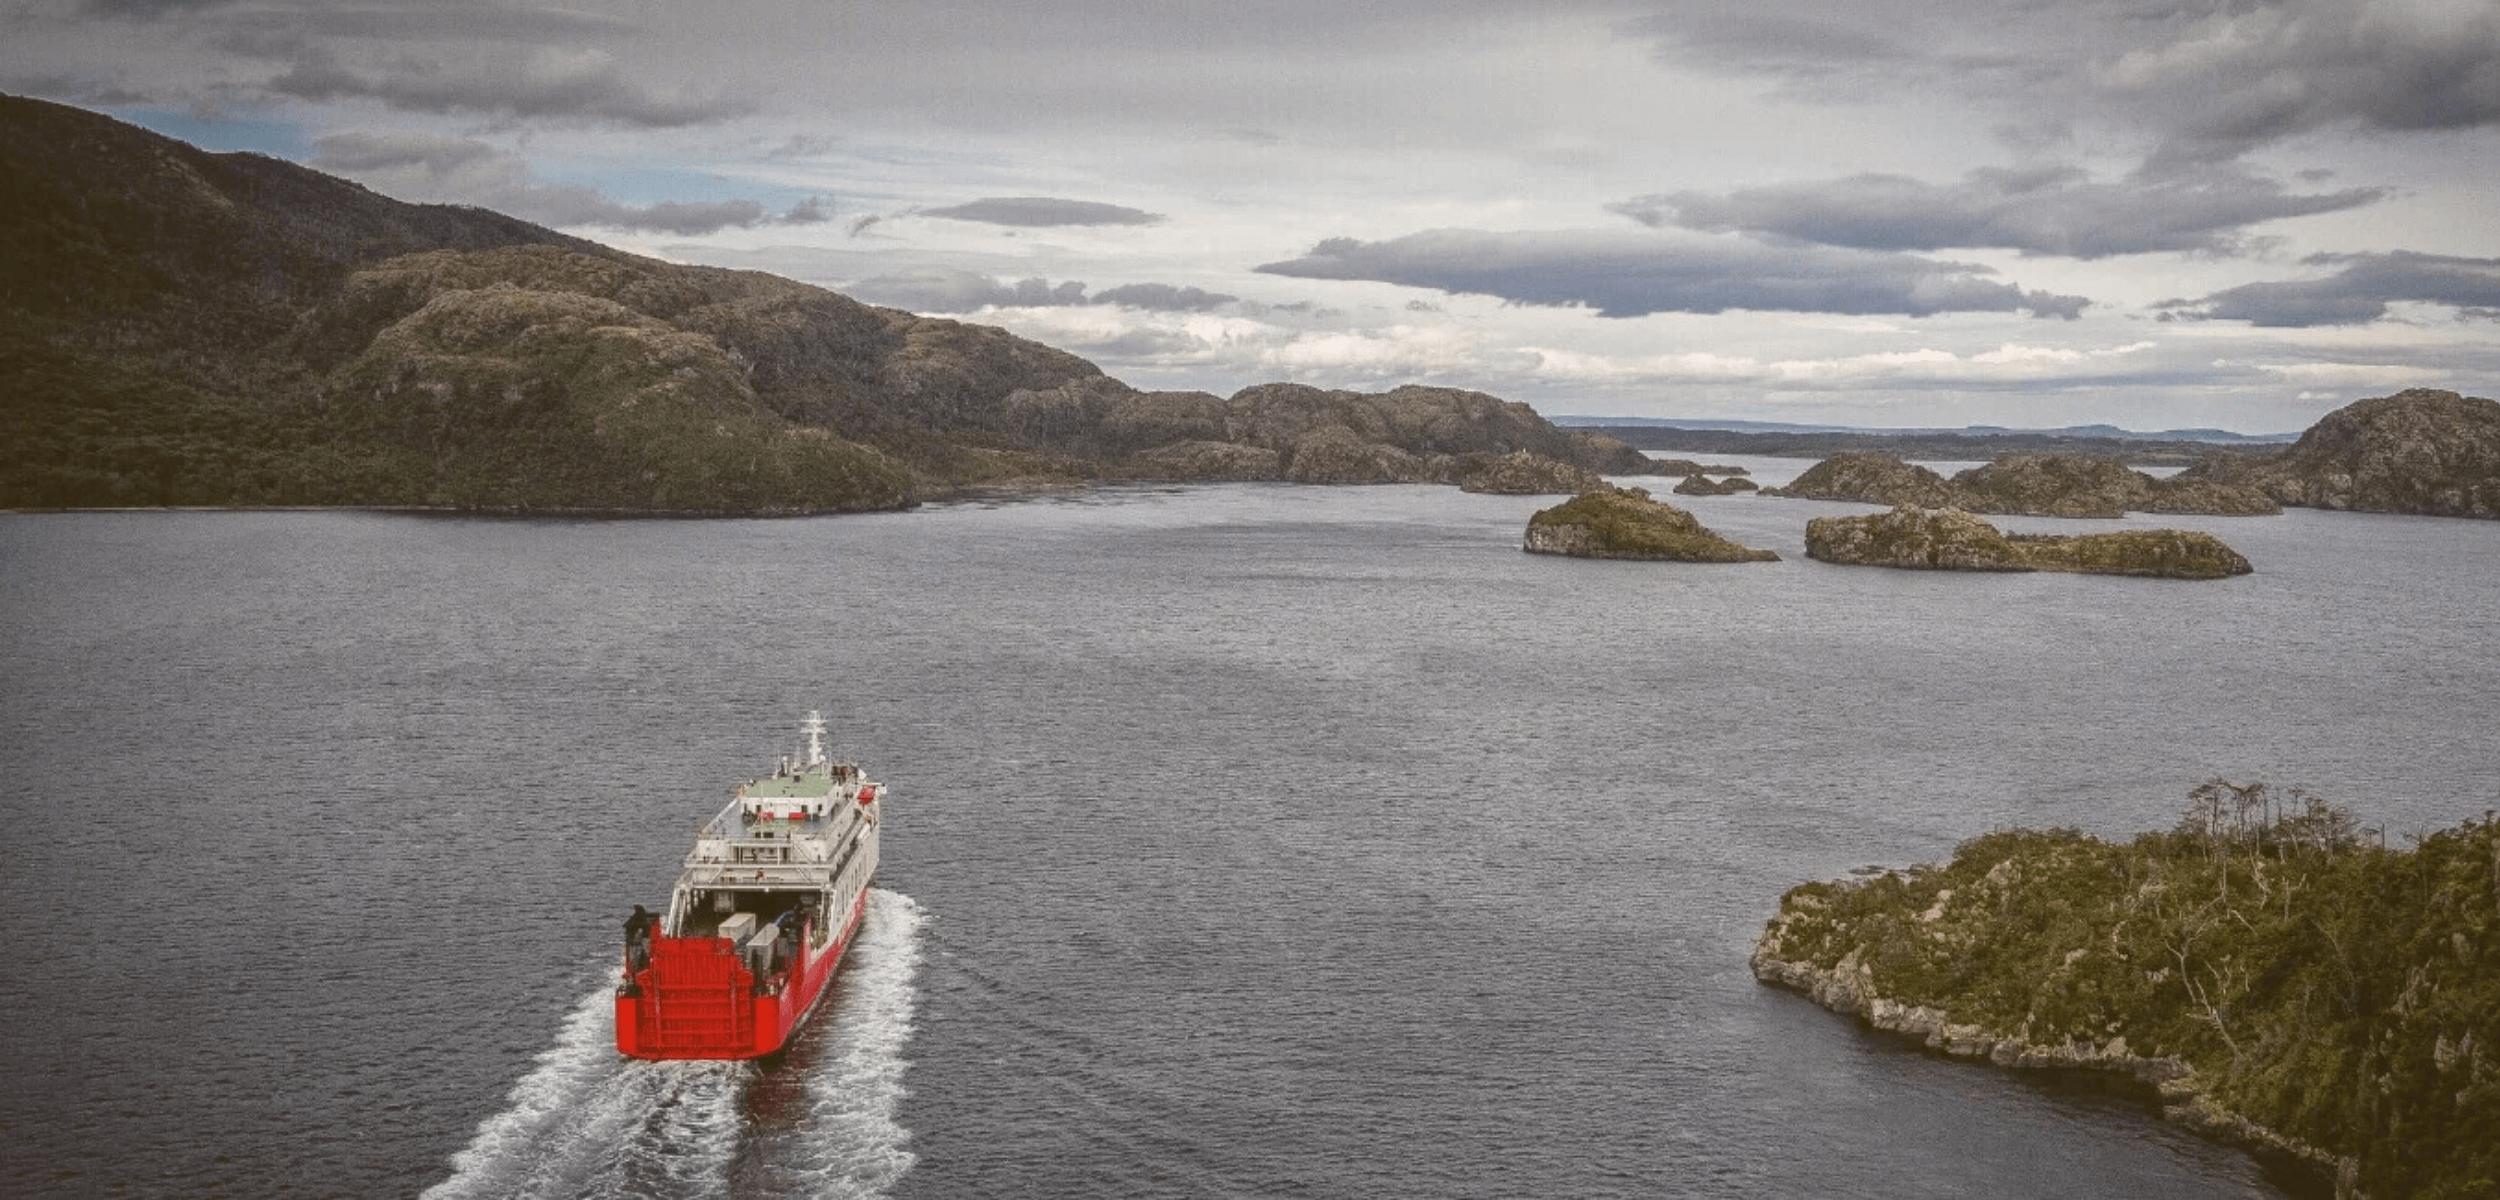 Ferry Navimag recorre Fiordos Patagónicos